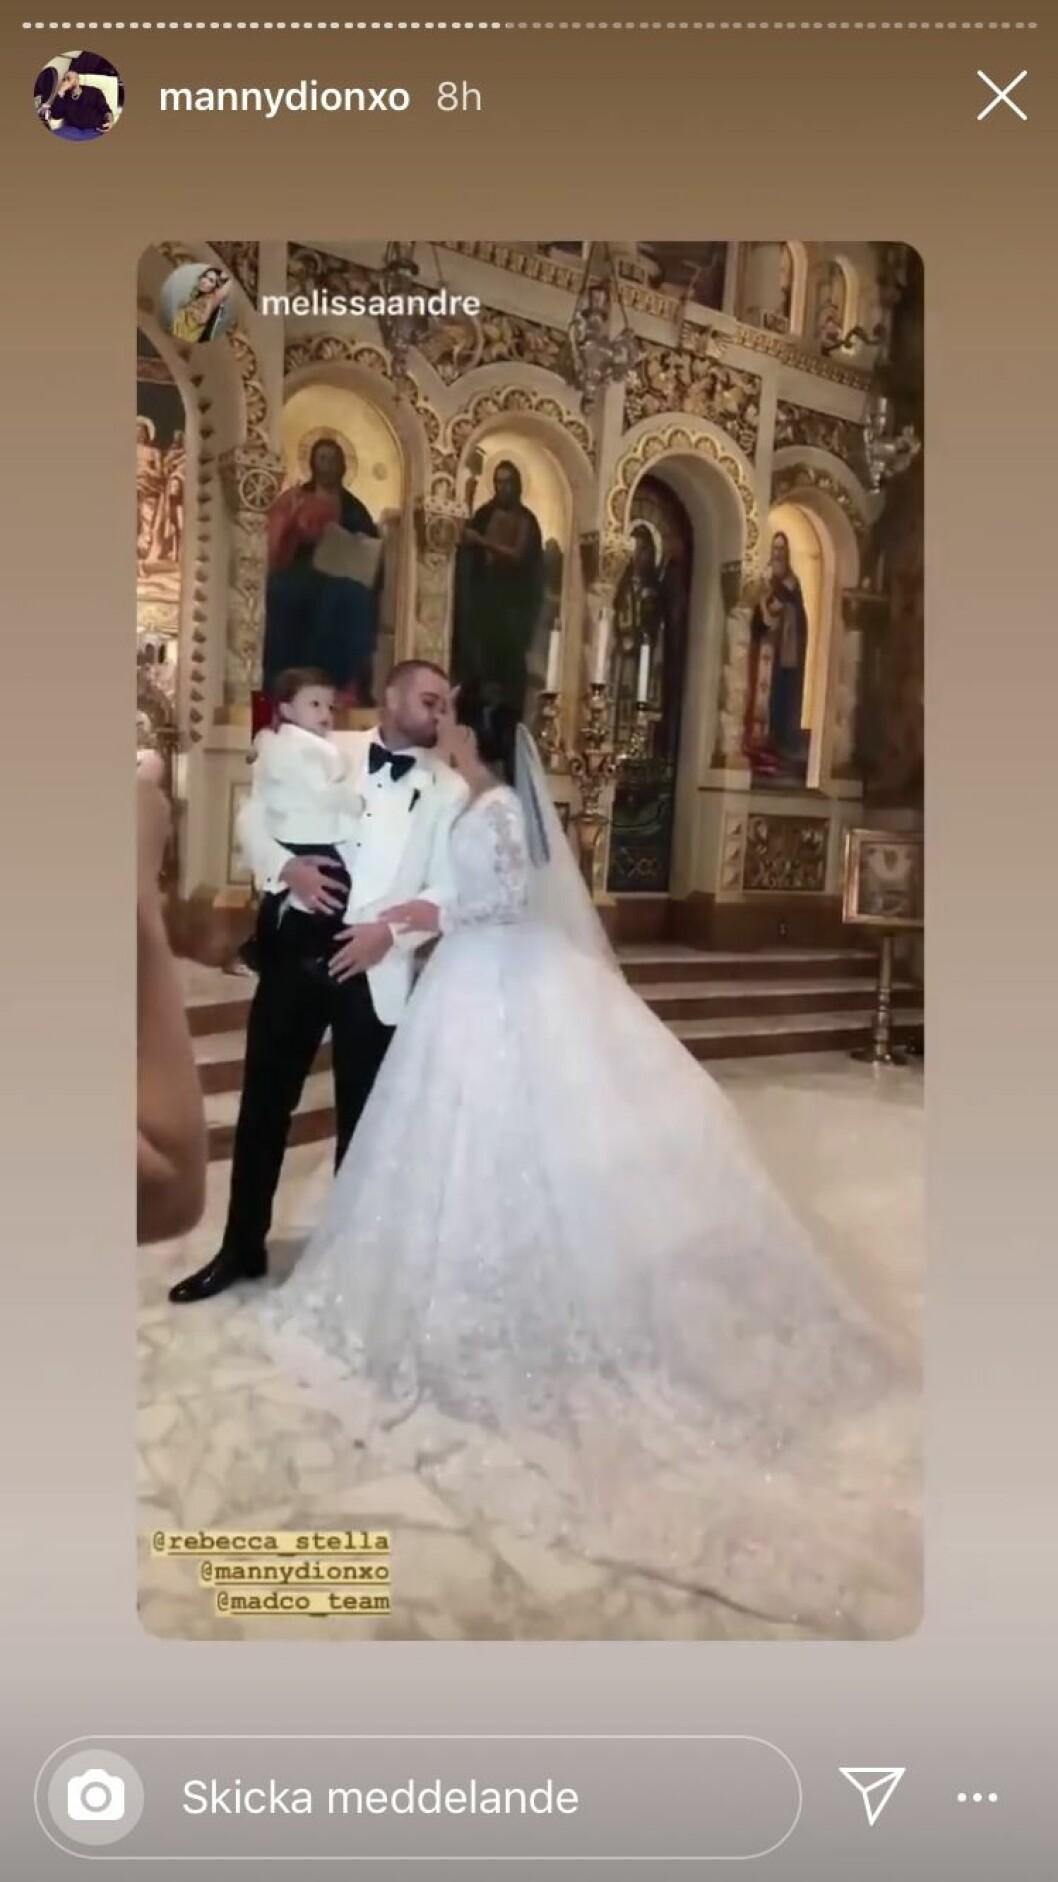 Rebecca Stella, Manny Dion och sonen Dion efter bröllopet